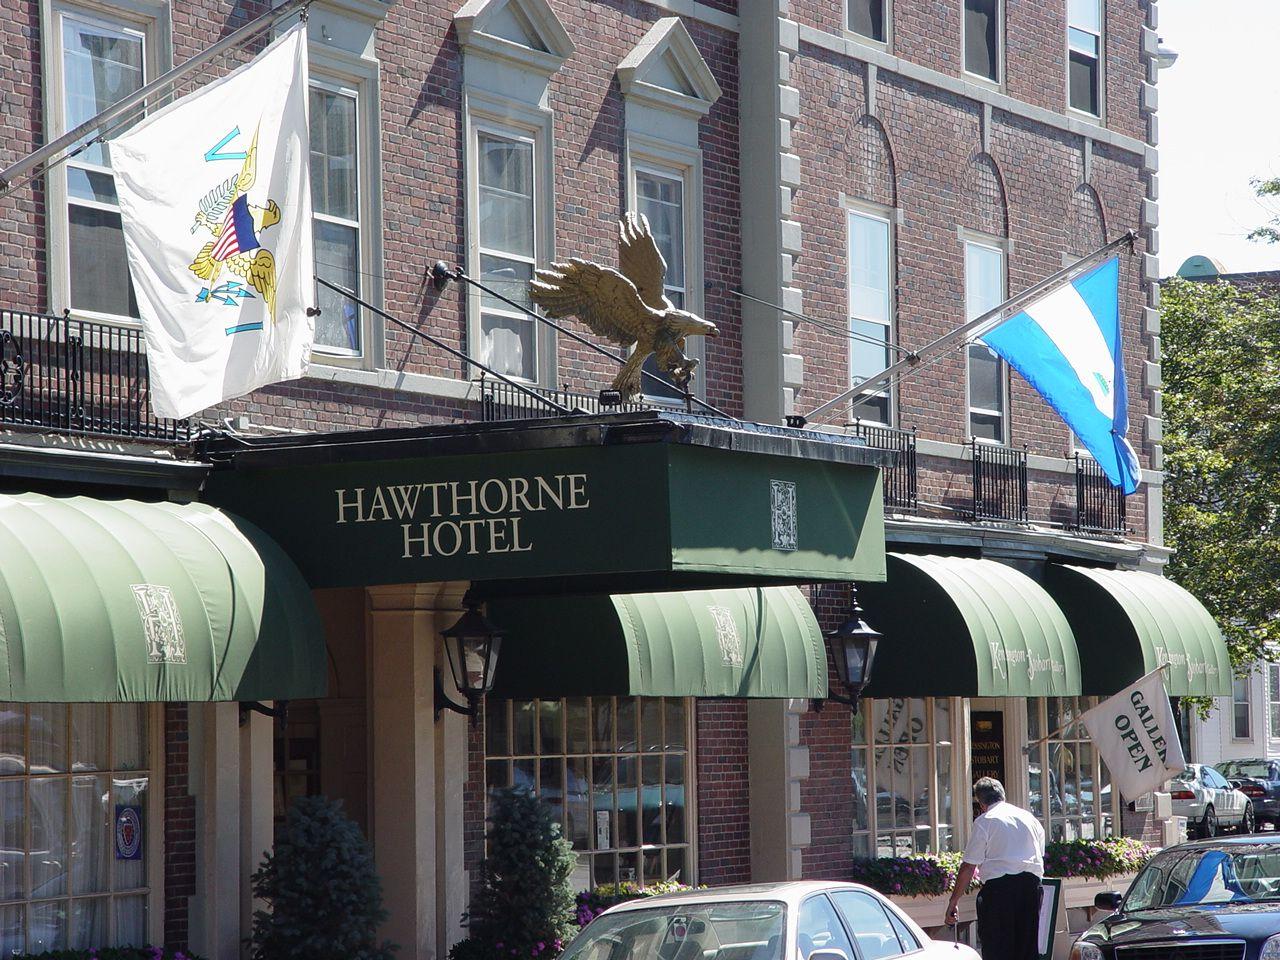 Hawthorne Hotel Salem, MA in 2019 Hawthorne hotel, New